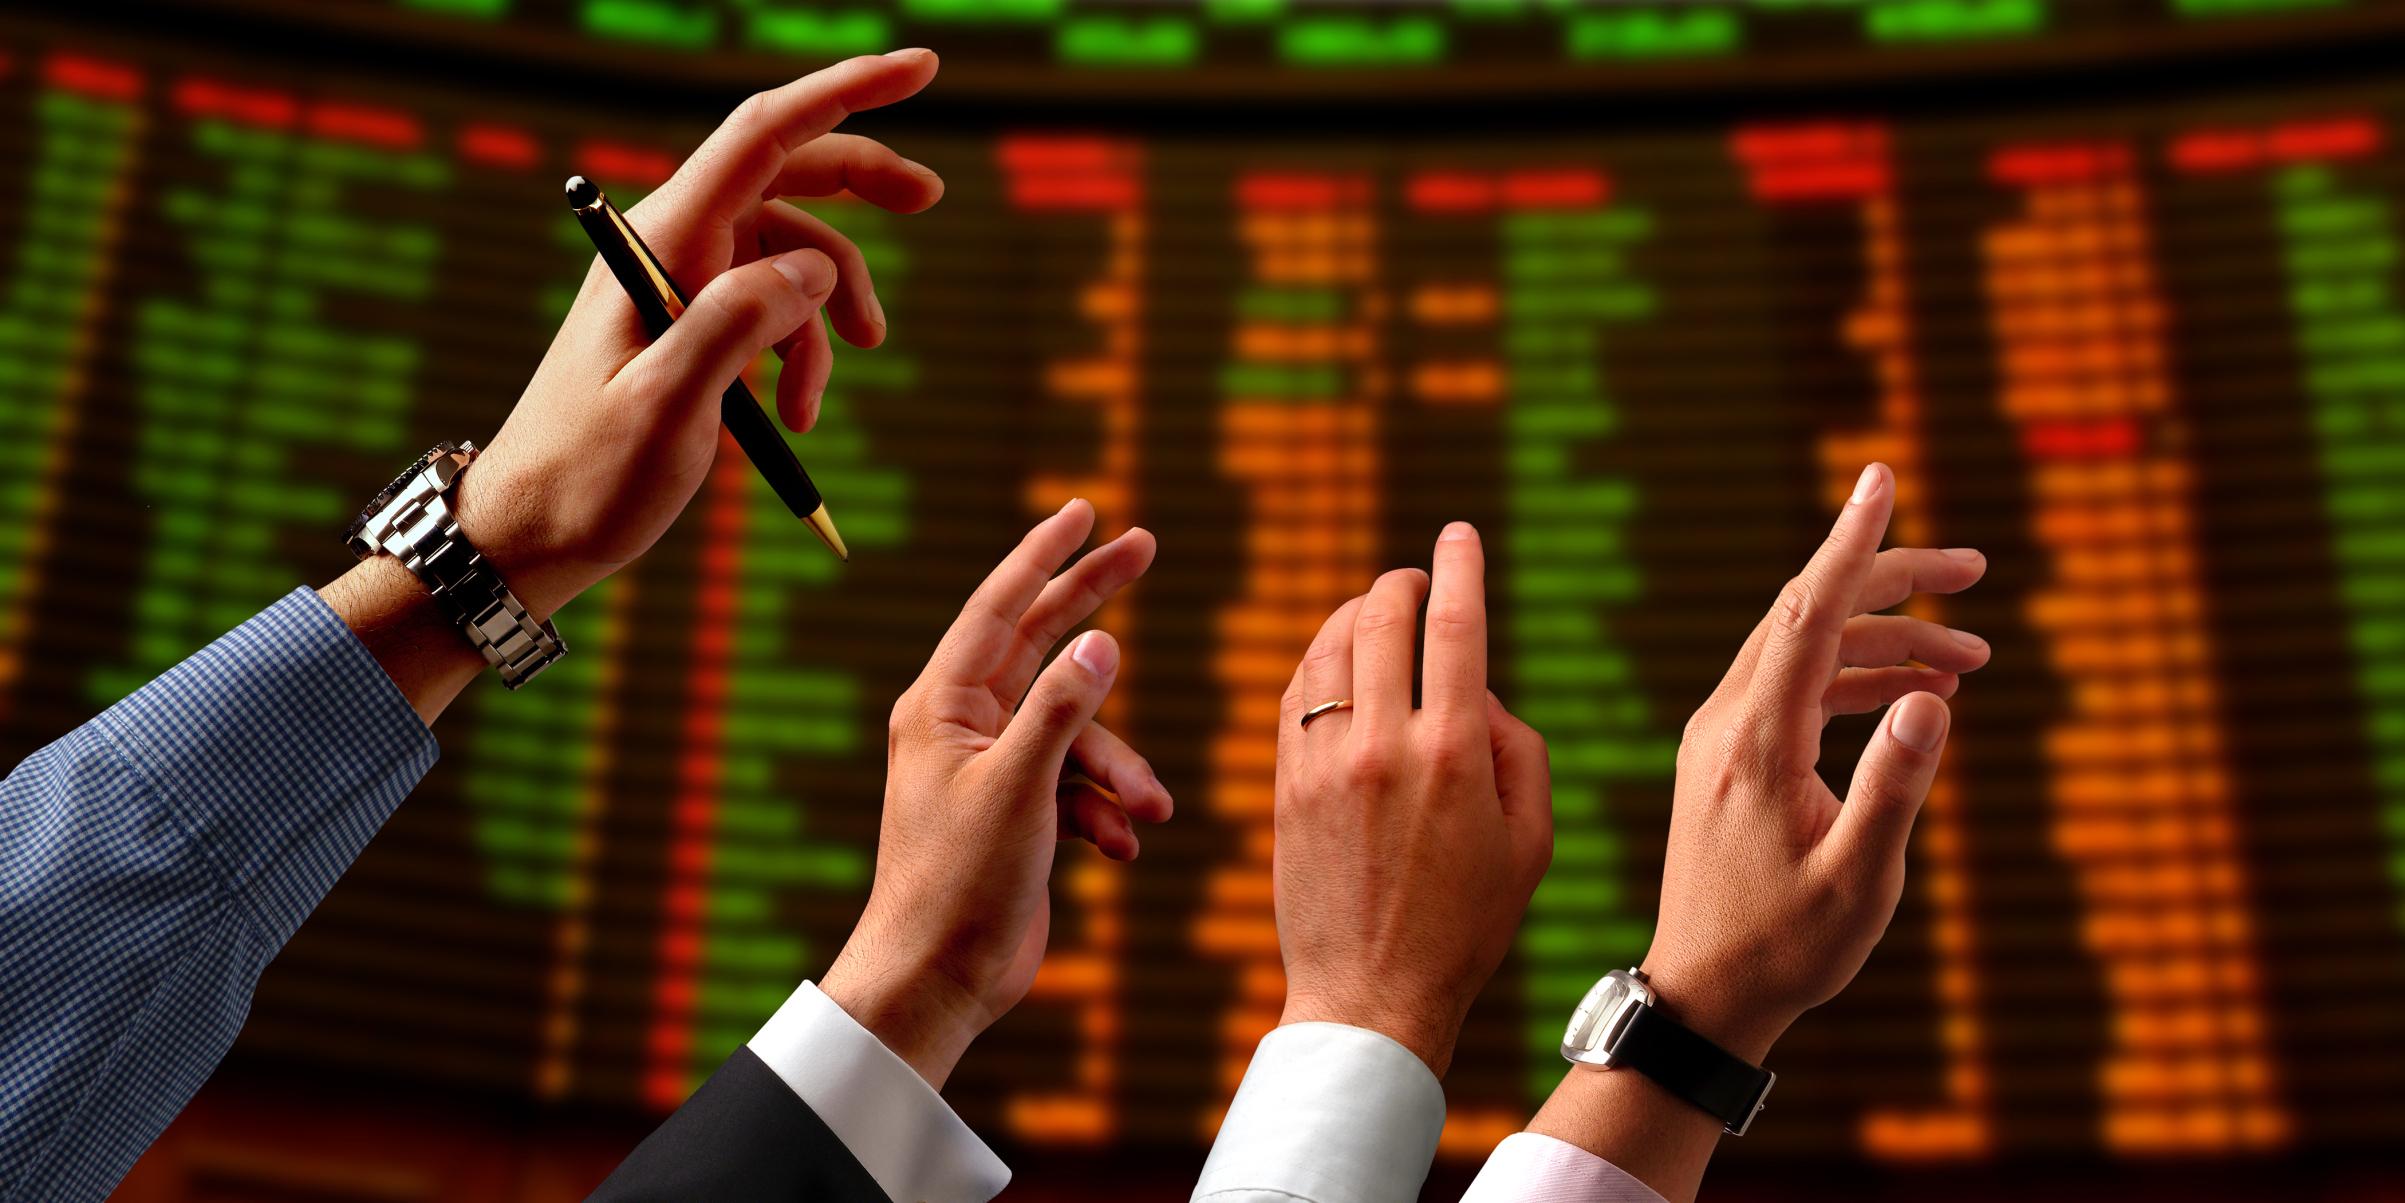 منفی شدن شاخصهای جهانی در پی نگرانی معاملهگران